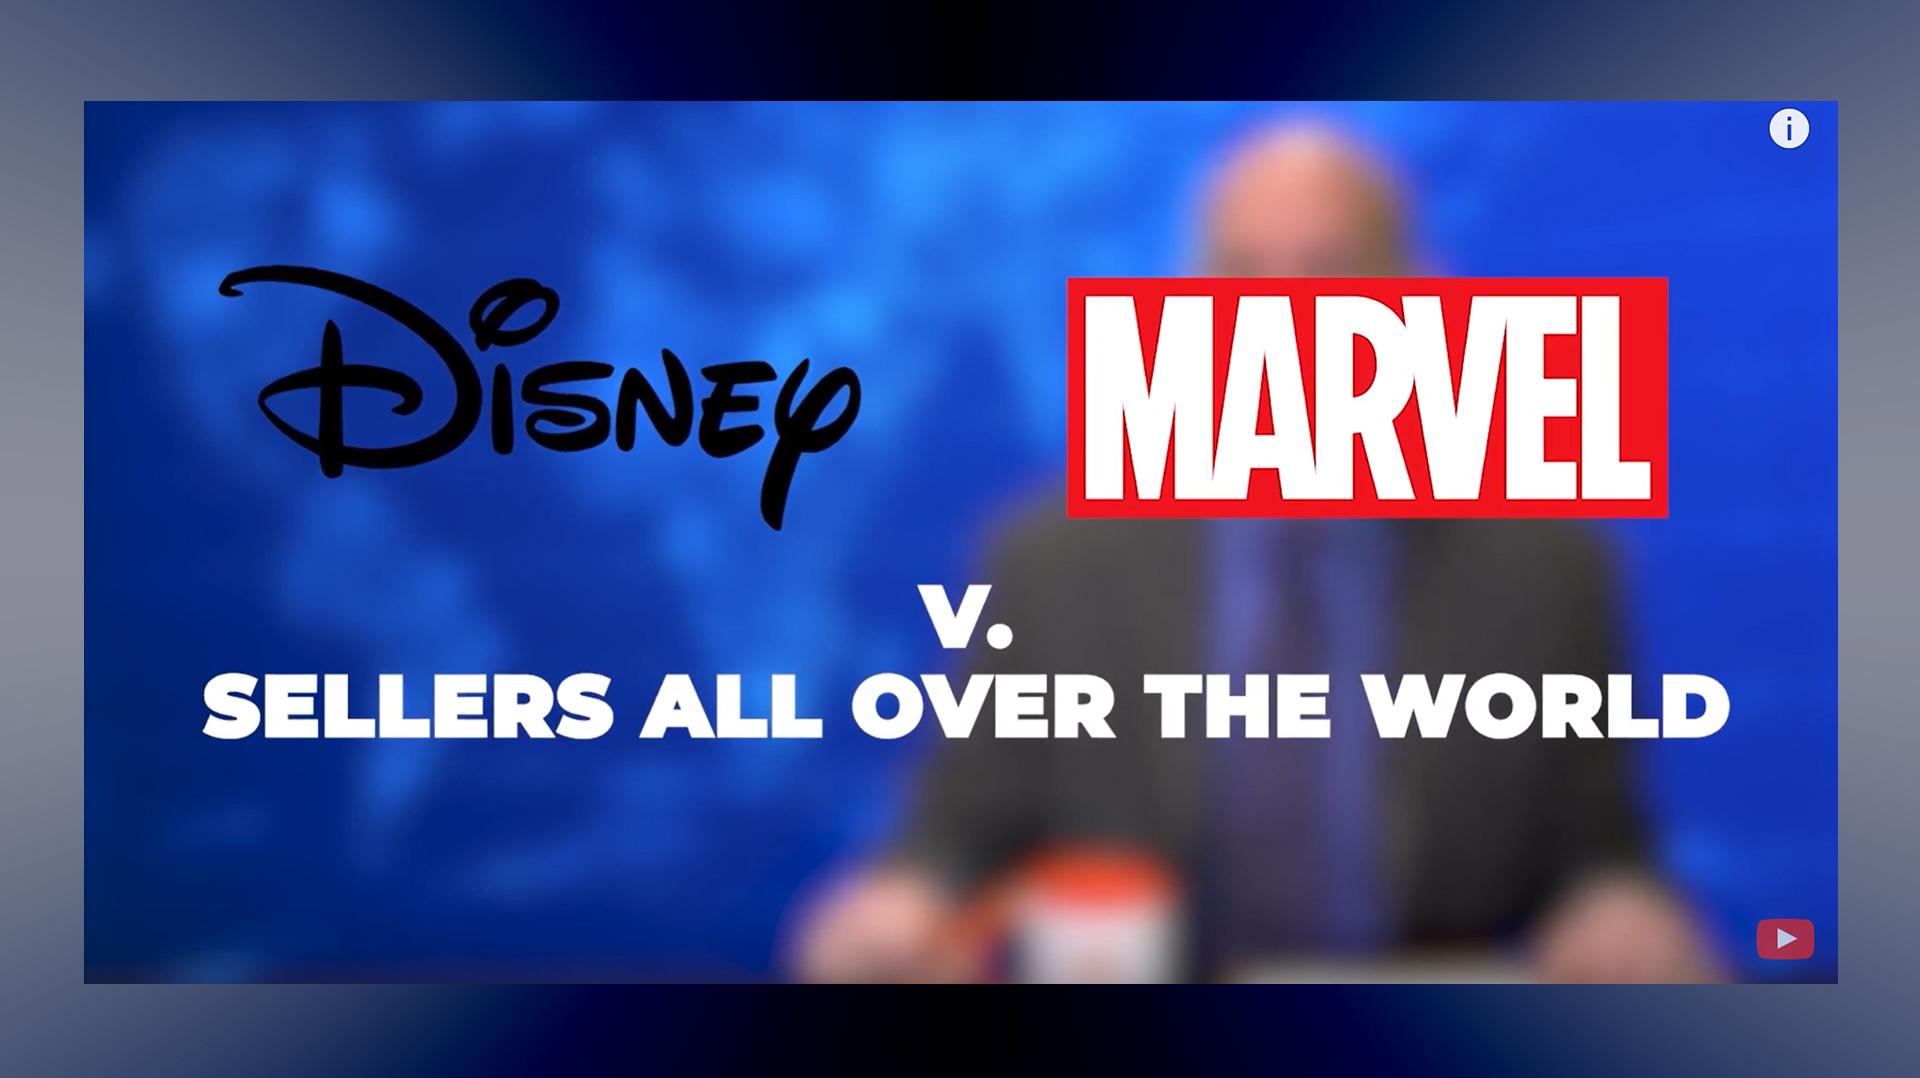 Amazon Seller Private Label Brand Development Exploding & Disney-Marvel v Sellers